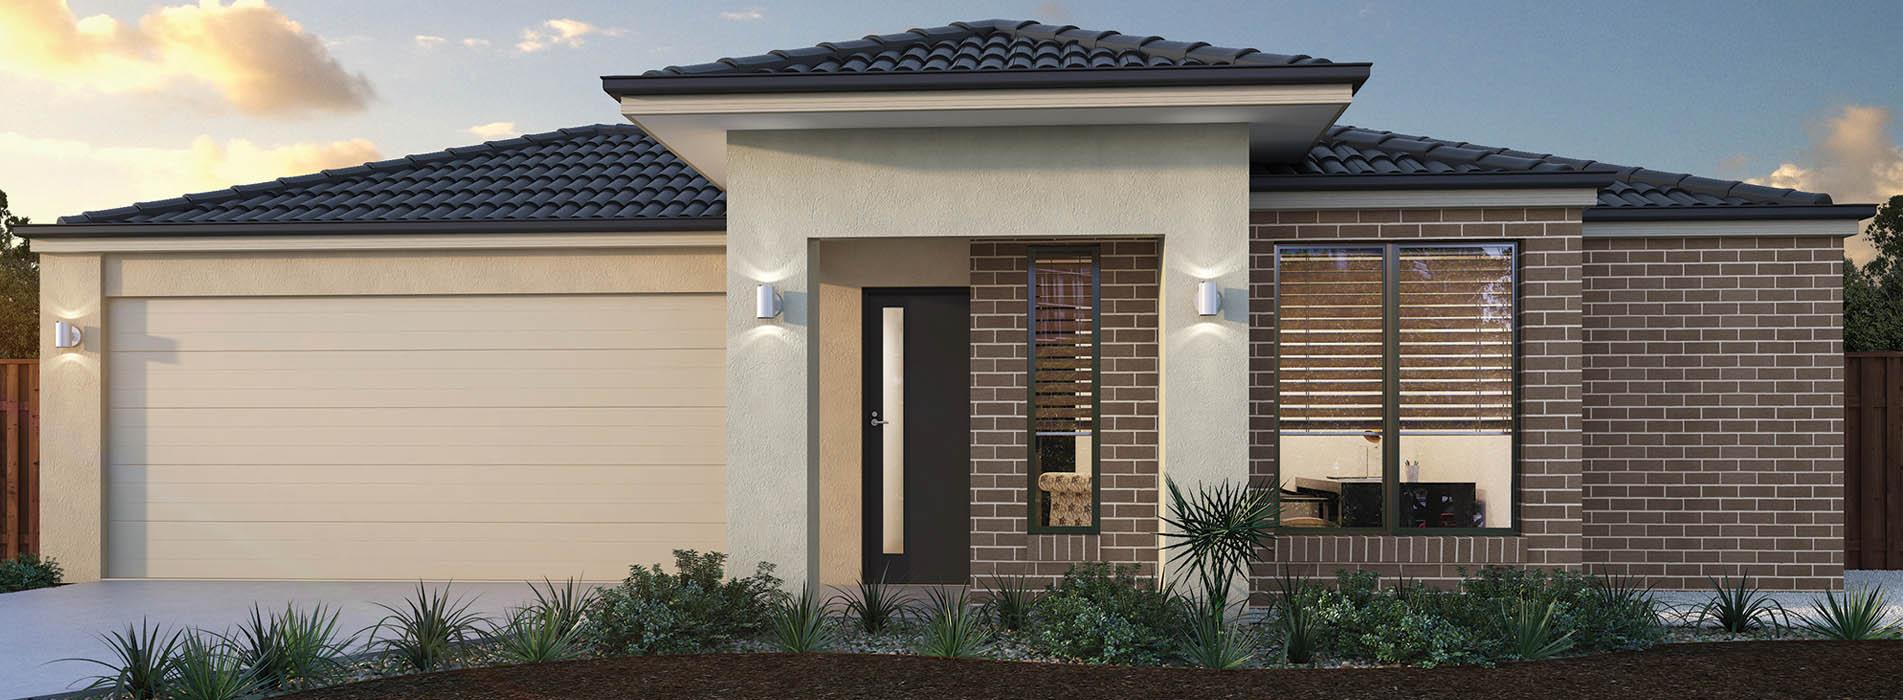 new-home-facade